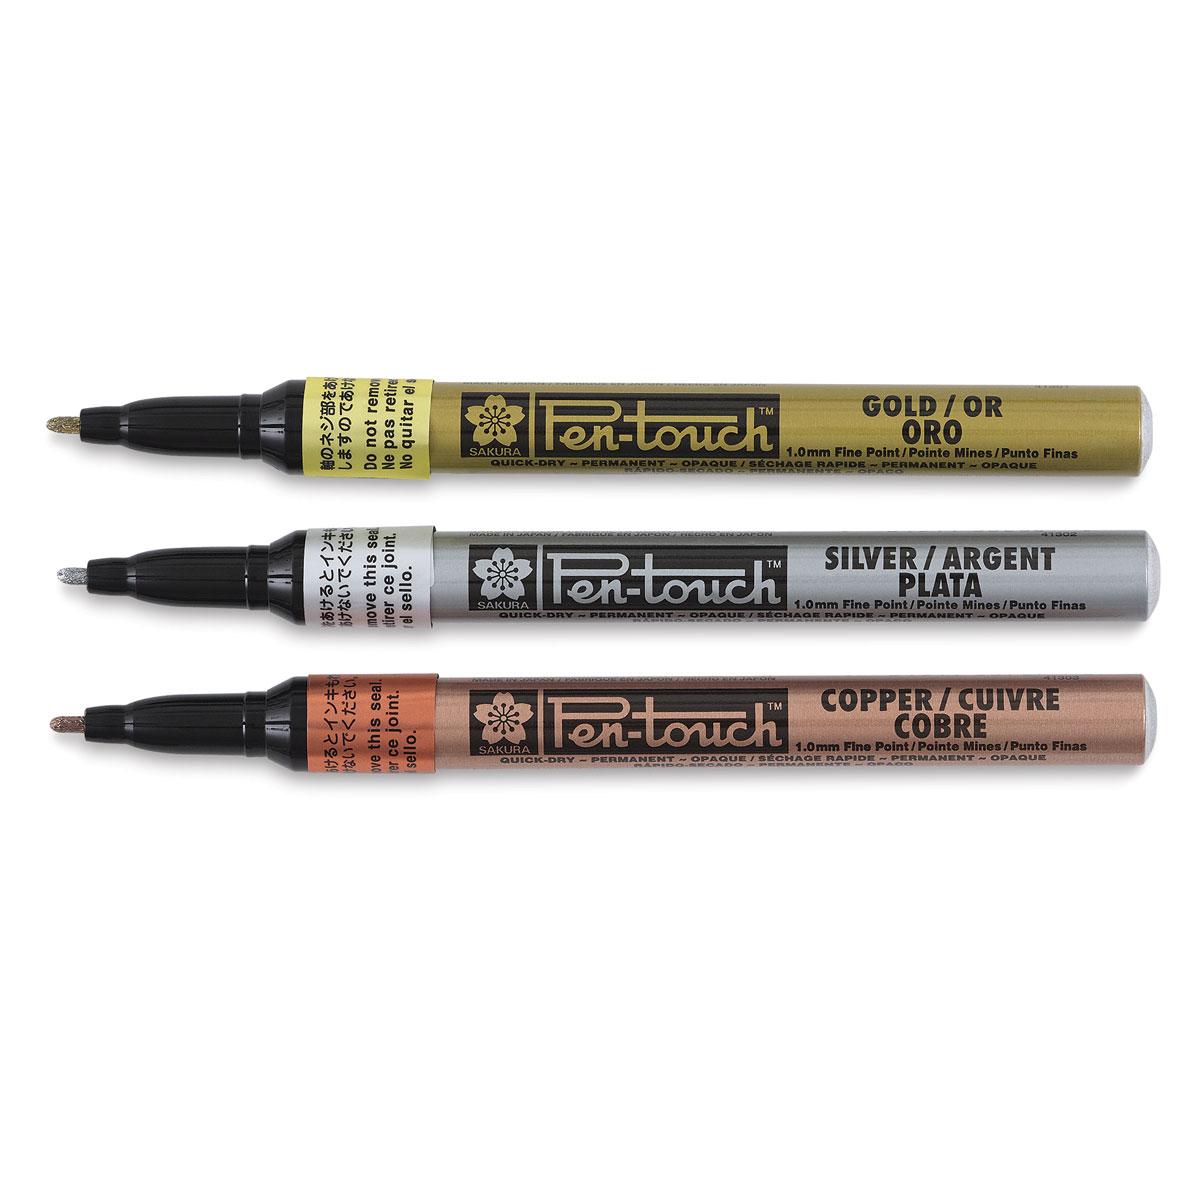 Lot 3 12 Pc Sakura Pen Touch Bullet Tip Paint Marker Gold Silver White 0.7 EF